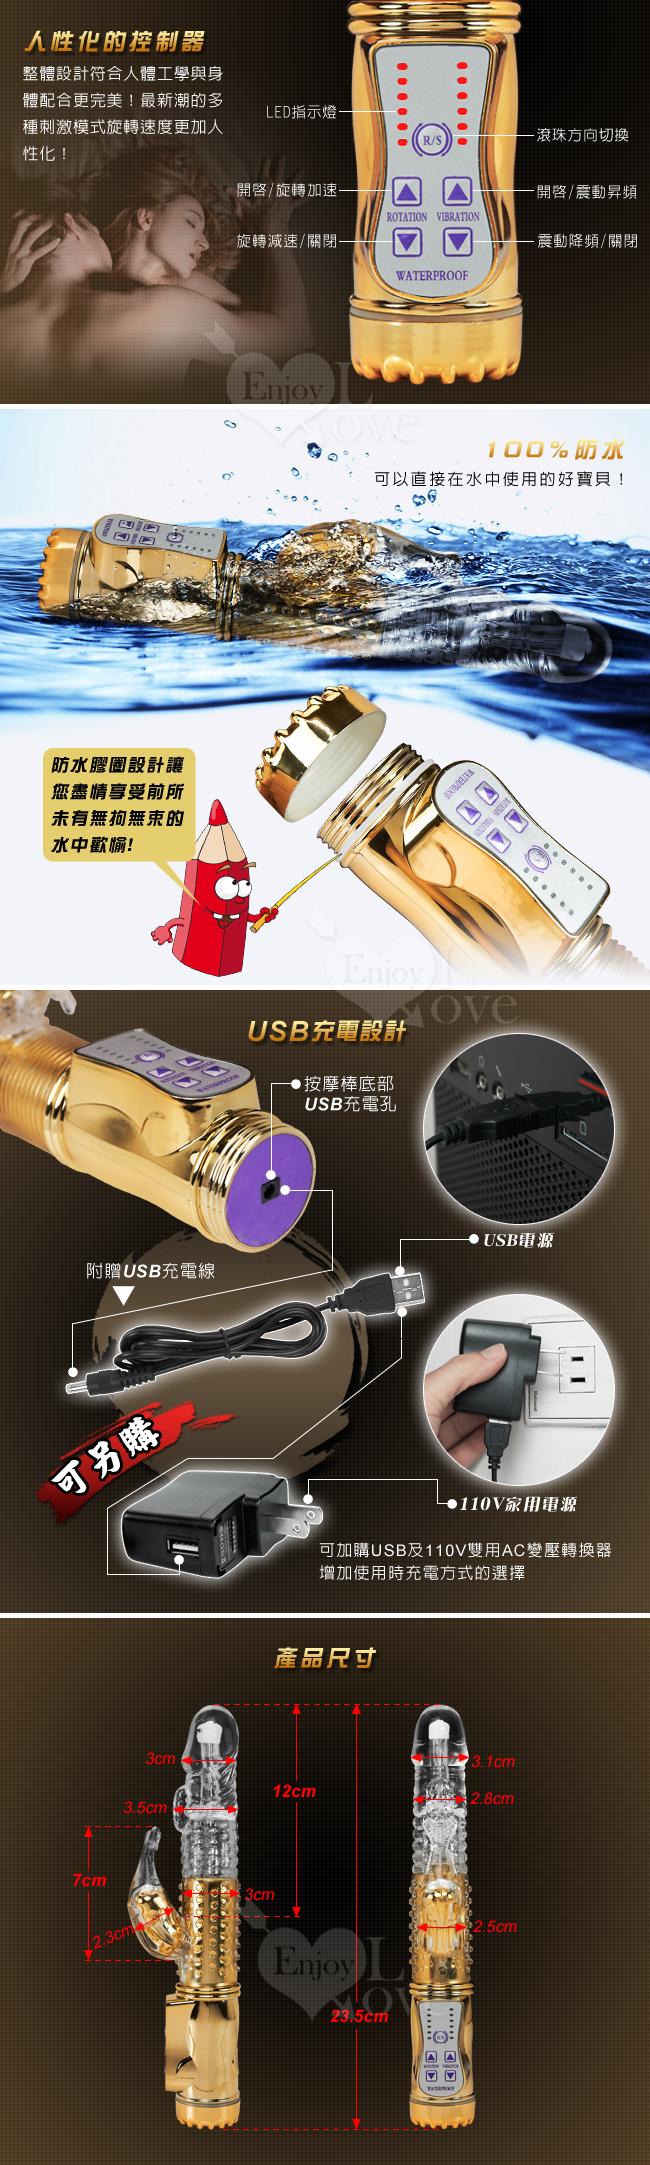 潮吹美人魚‧8迴旋X36段變頻滾珠防水USB充電式按摩棒﹝炫彩金﹞